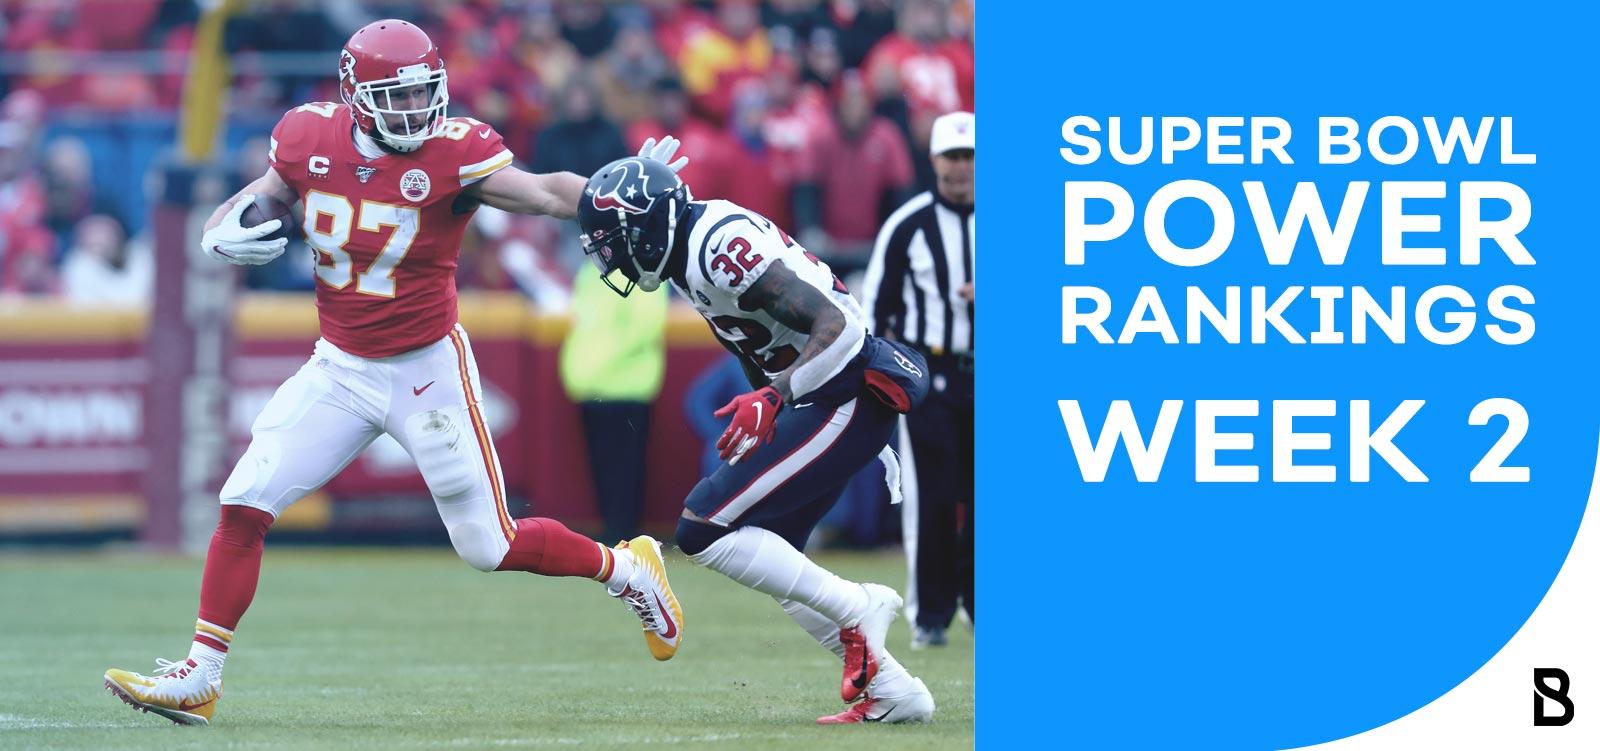 NFL Power Ranking - Week 2